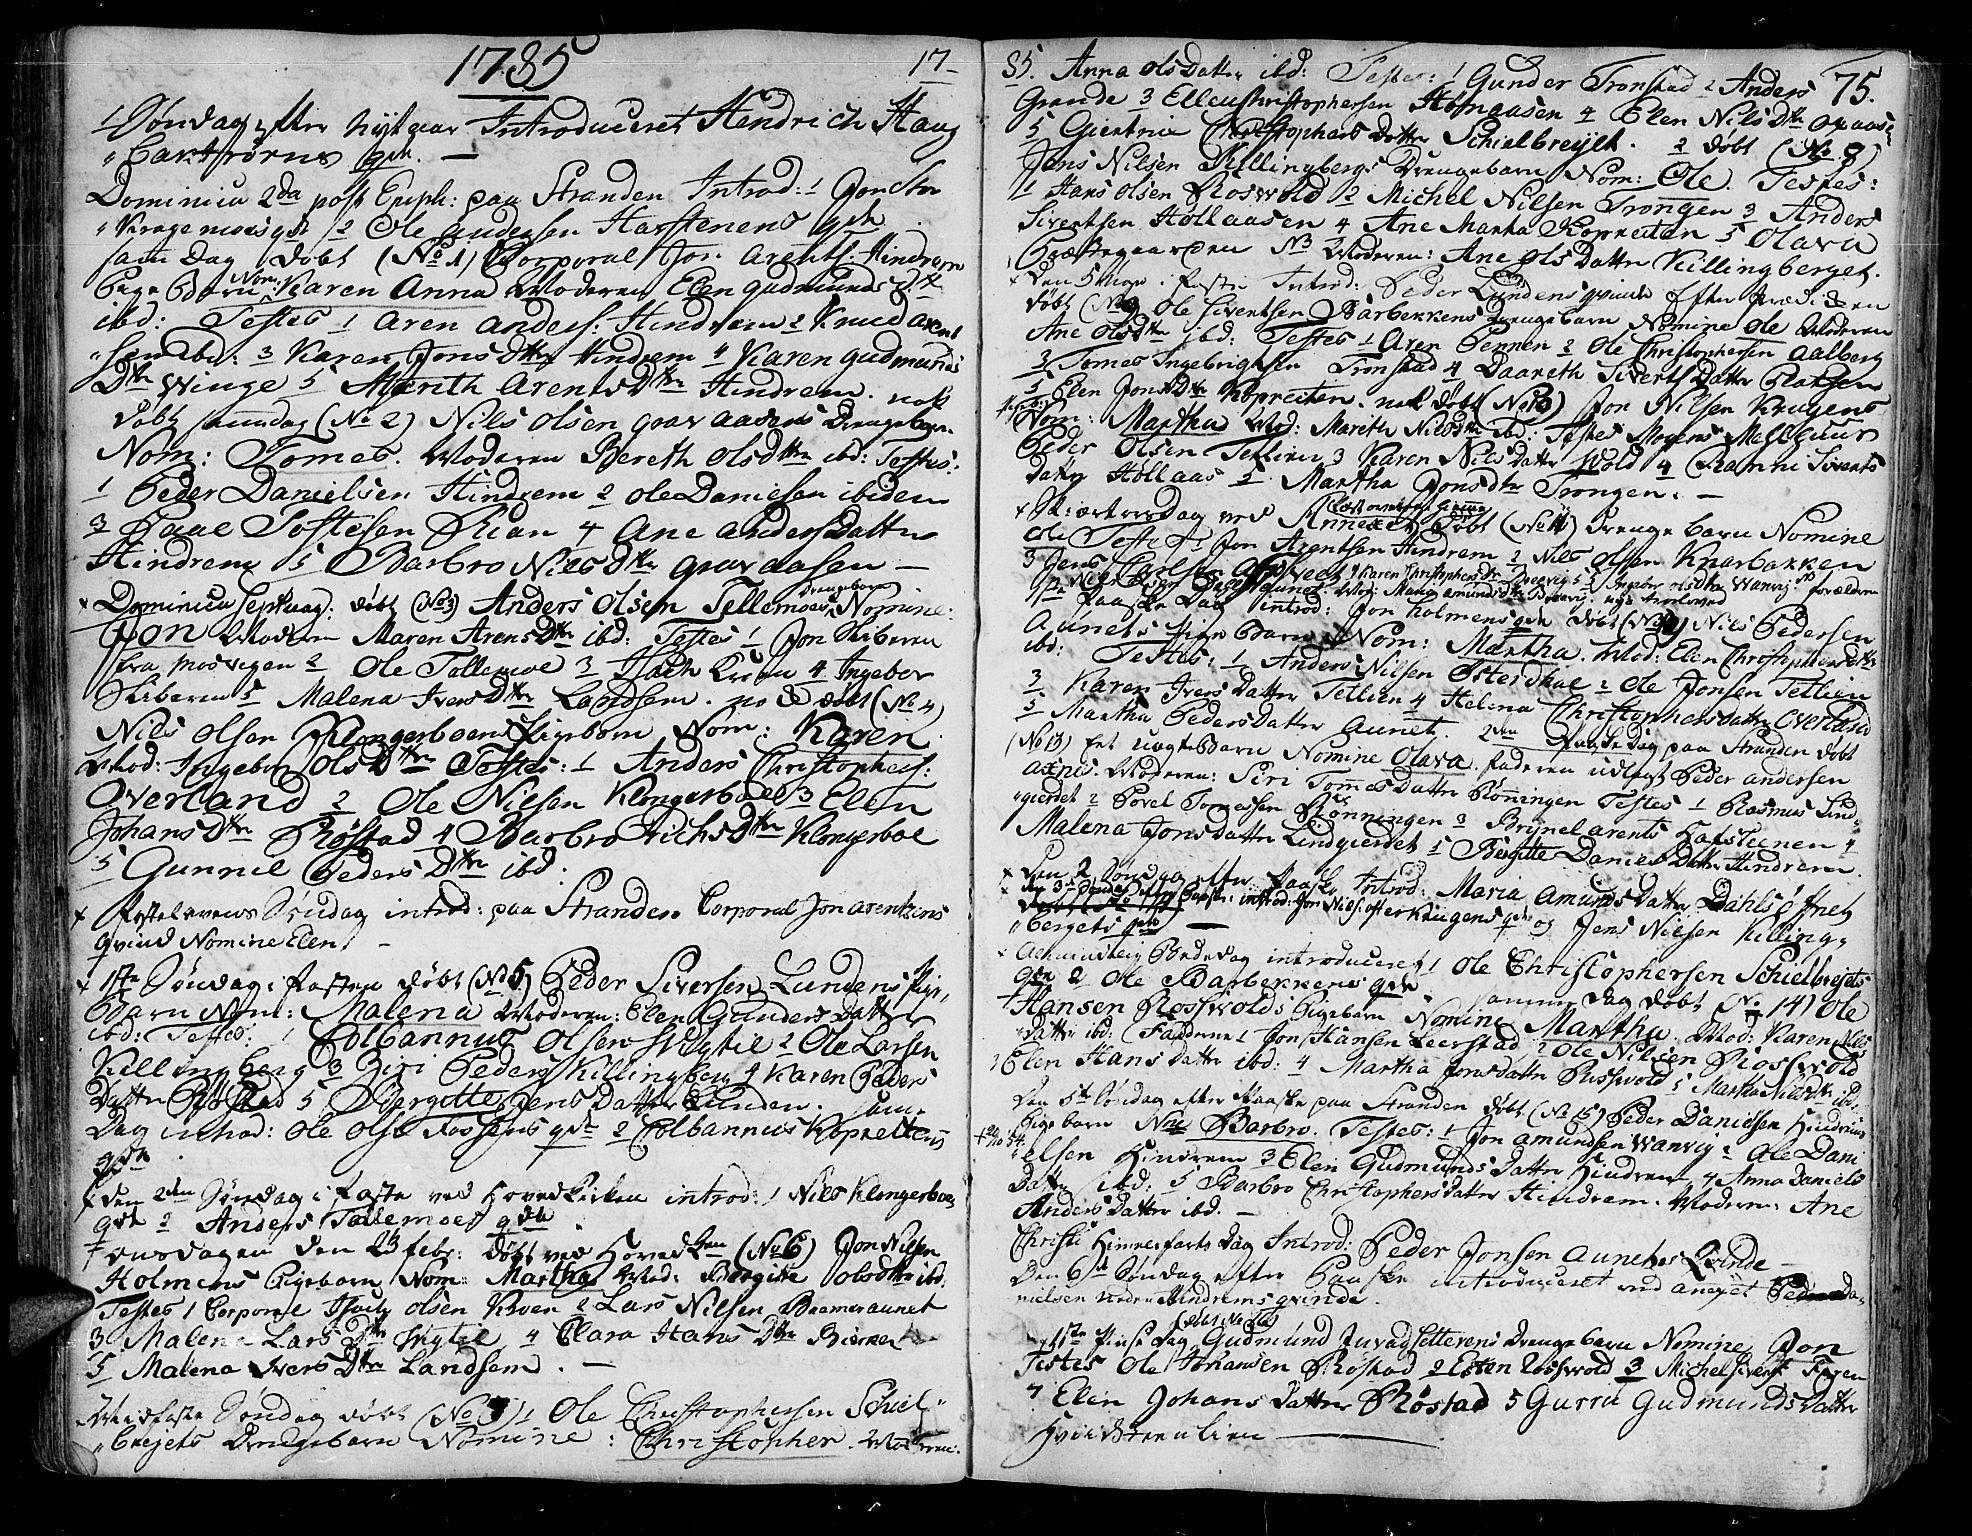 SAT, Ministerialprotokoller, klokkerbøker og fødselsregistre - Nord-Trøndelag, 701/L0004: Ministerialbok nr. 701A04, 1783-1816, s. 75